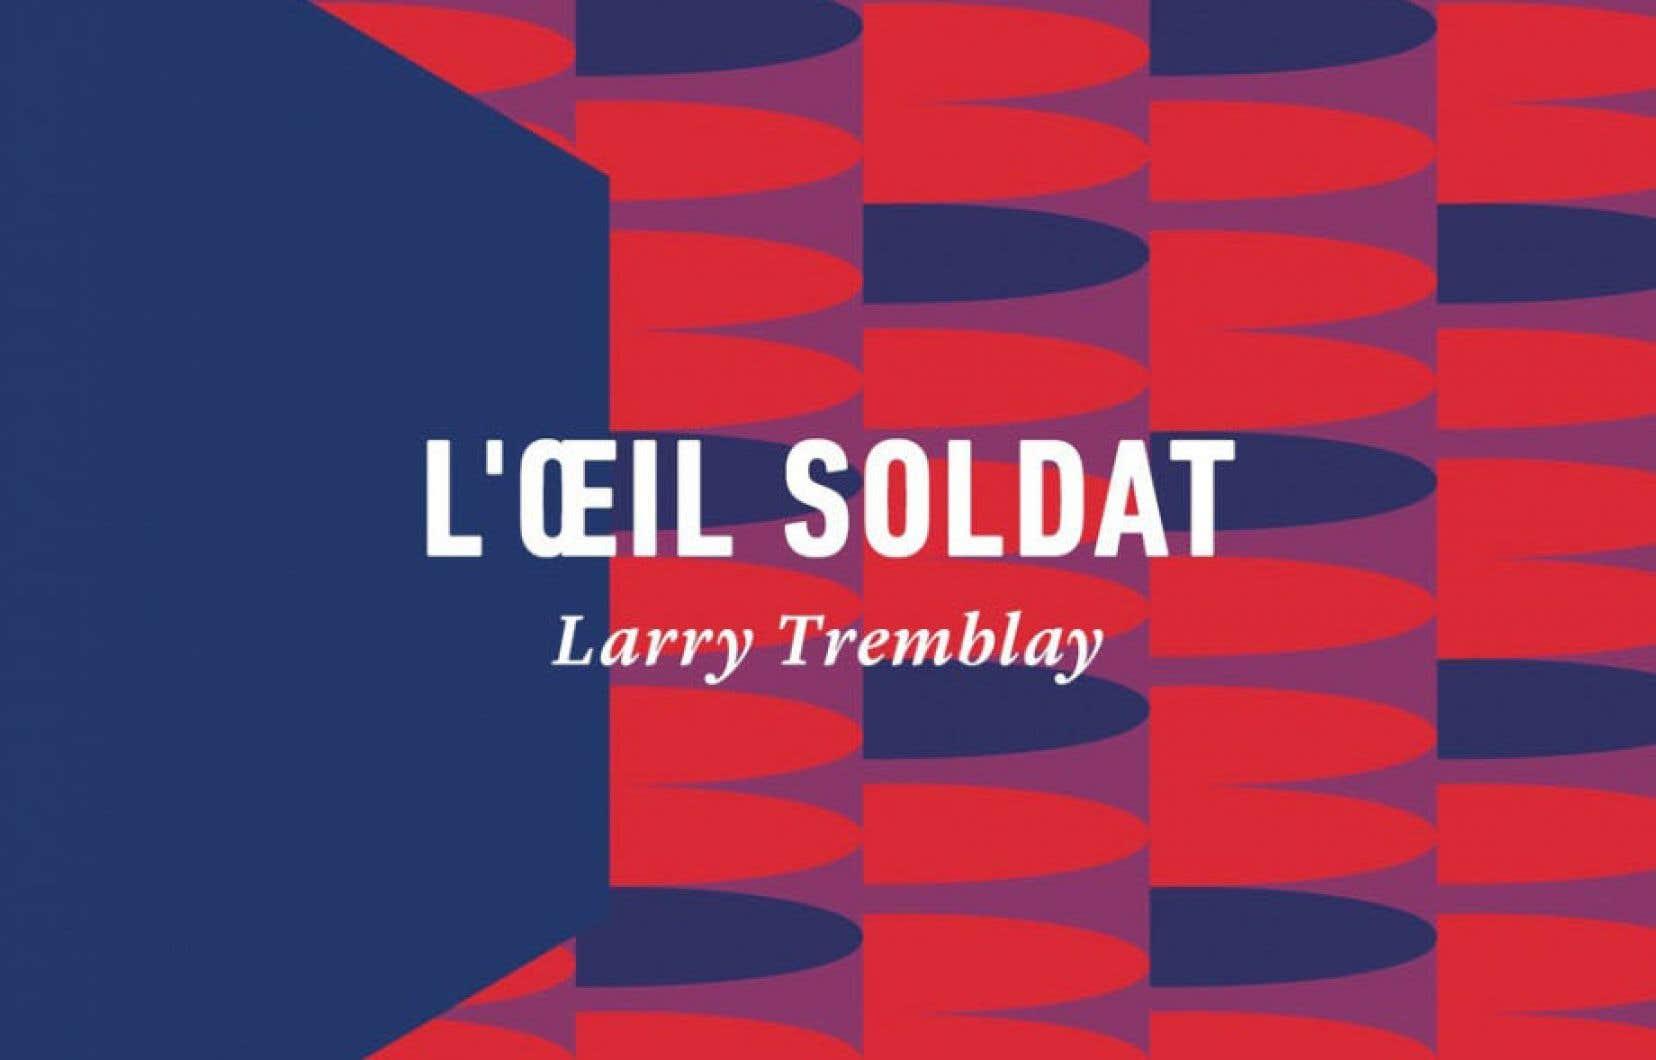 Il faut bien admettre avec Larry Tremblay que la violence du monde se trouve en germes dans le vocabulaire que nous employons pour désigner l'autre.